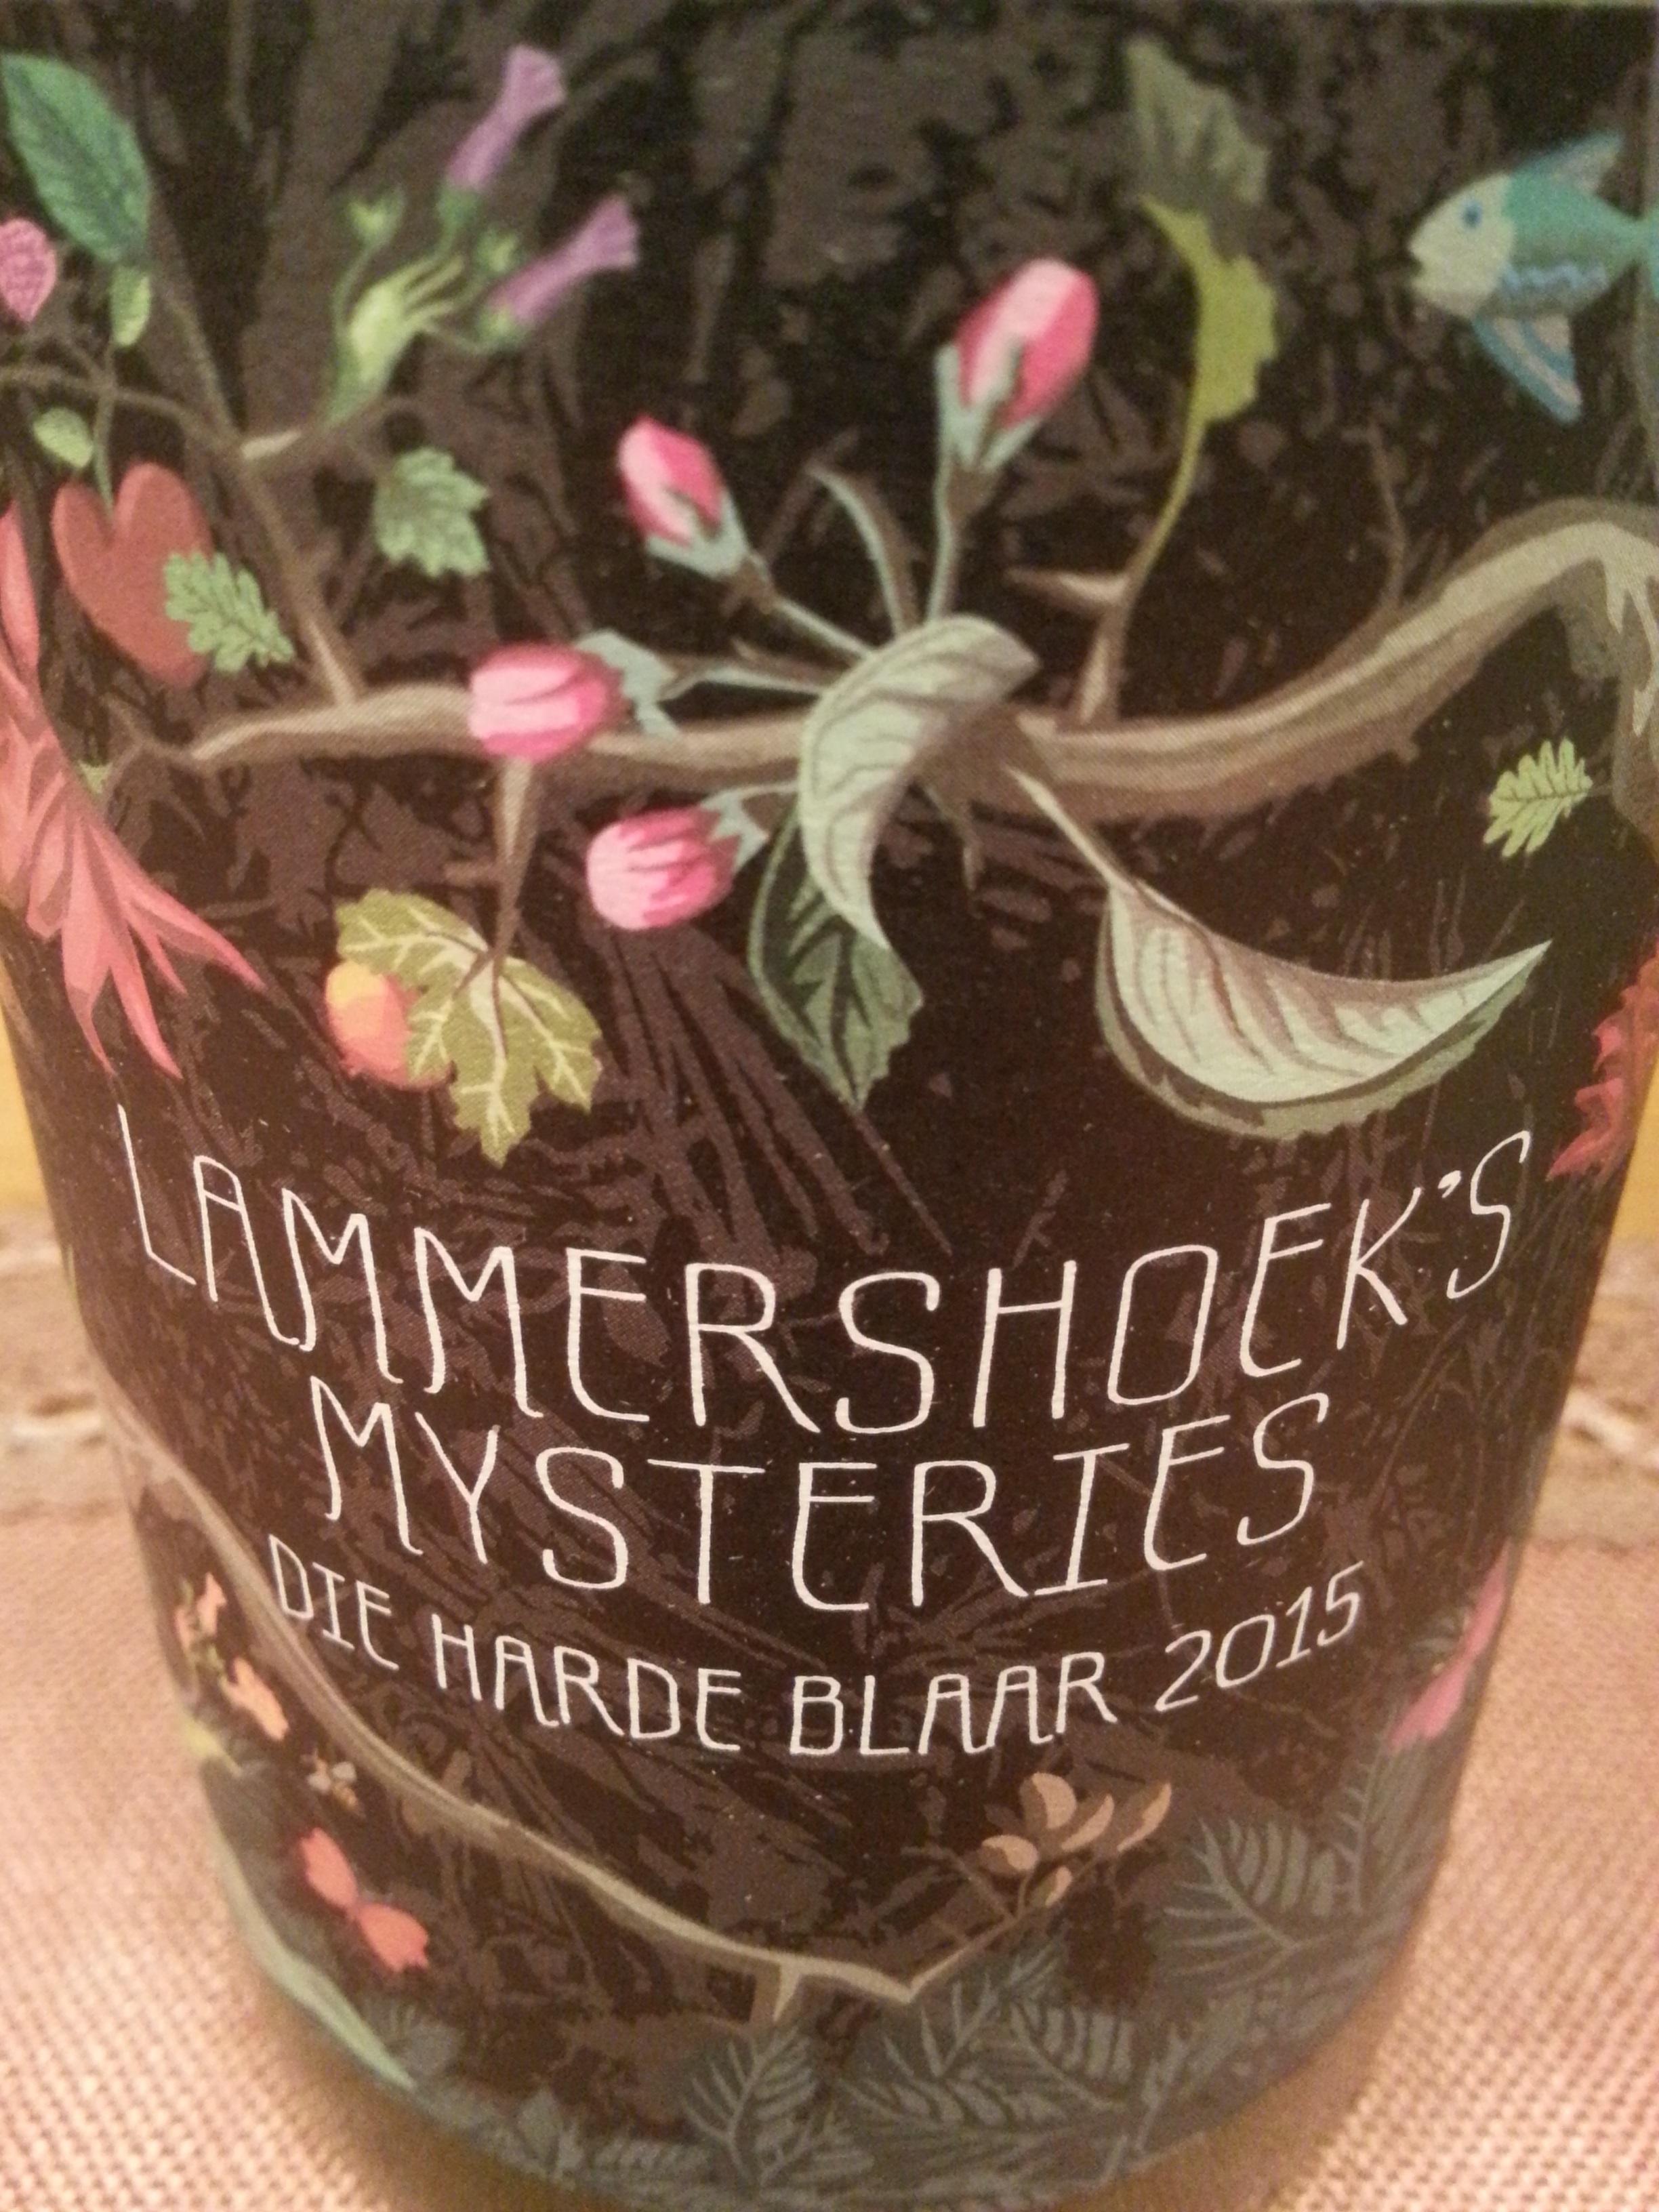 2015 Mysteries Die Harde Blaar | Lammershoek